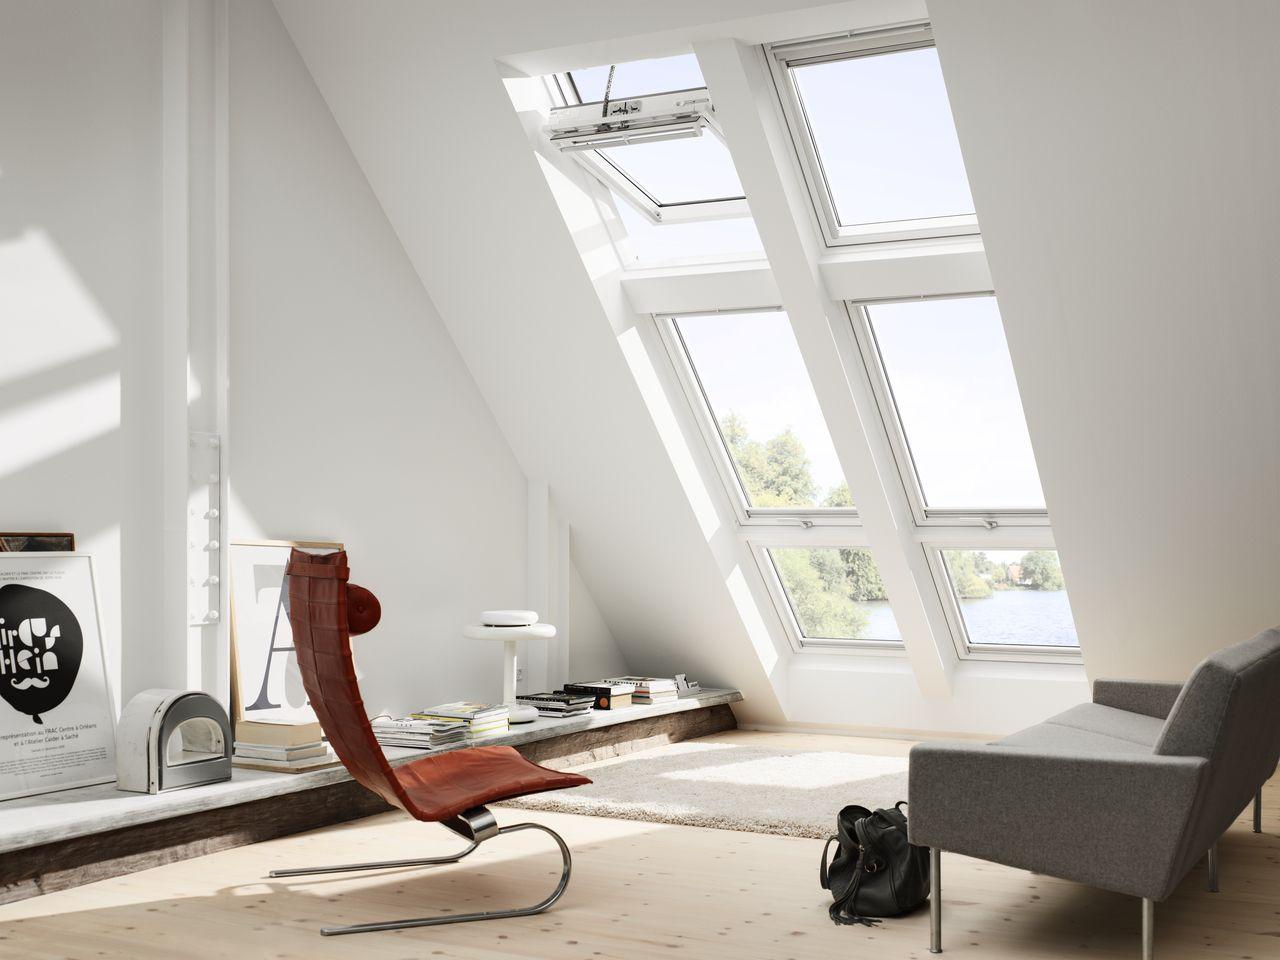 Gebrauchte Wohnzimmer ~ Stilvolles wohnzimmer mit viel tageslicht wohnzimmer